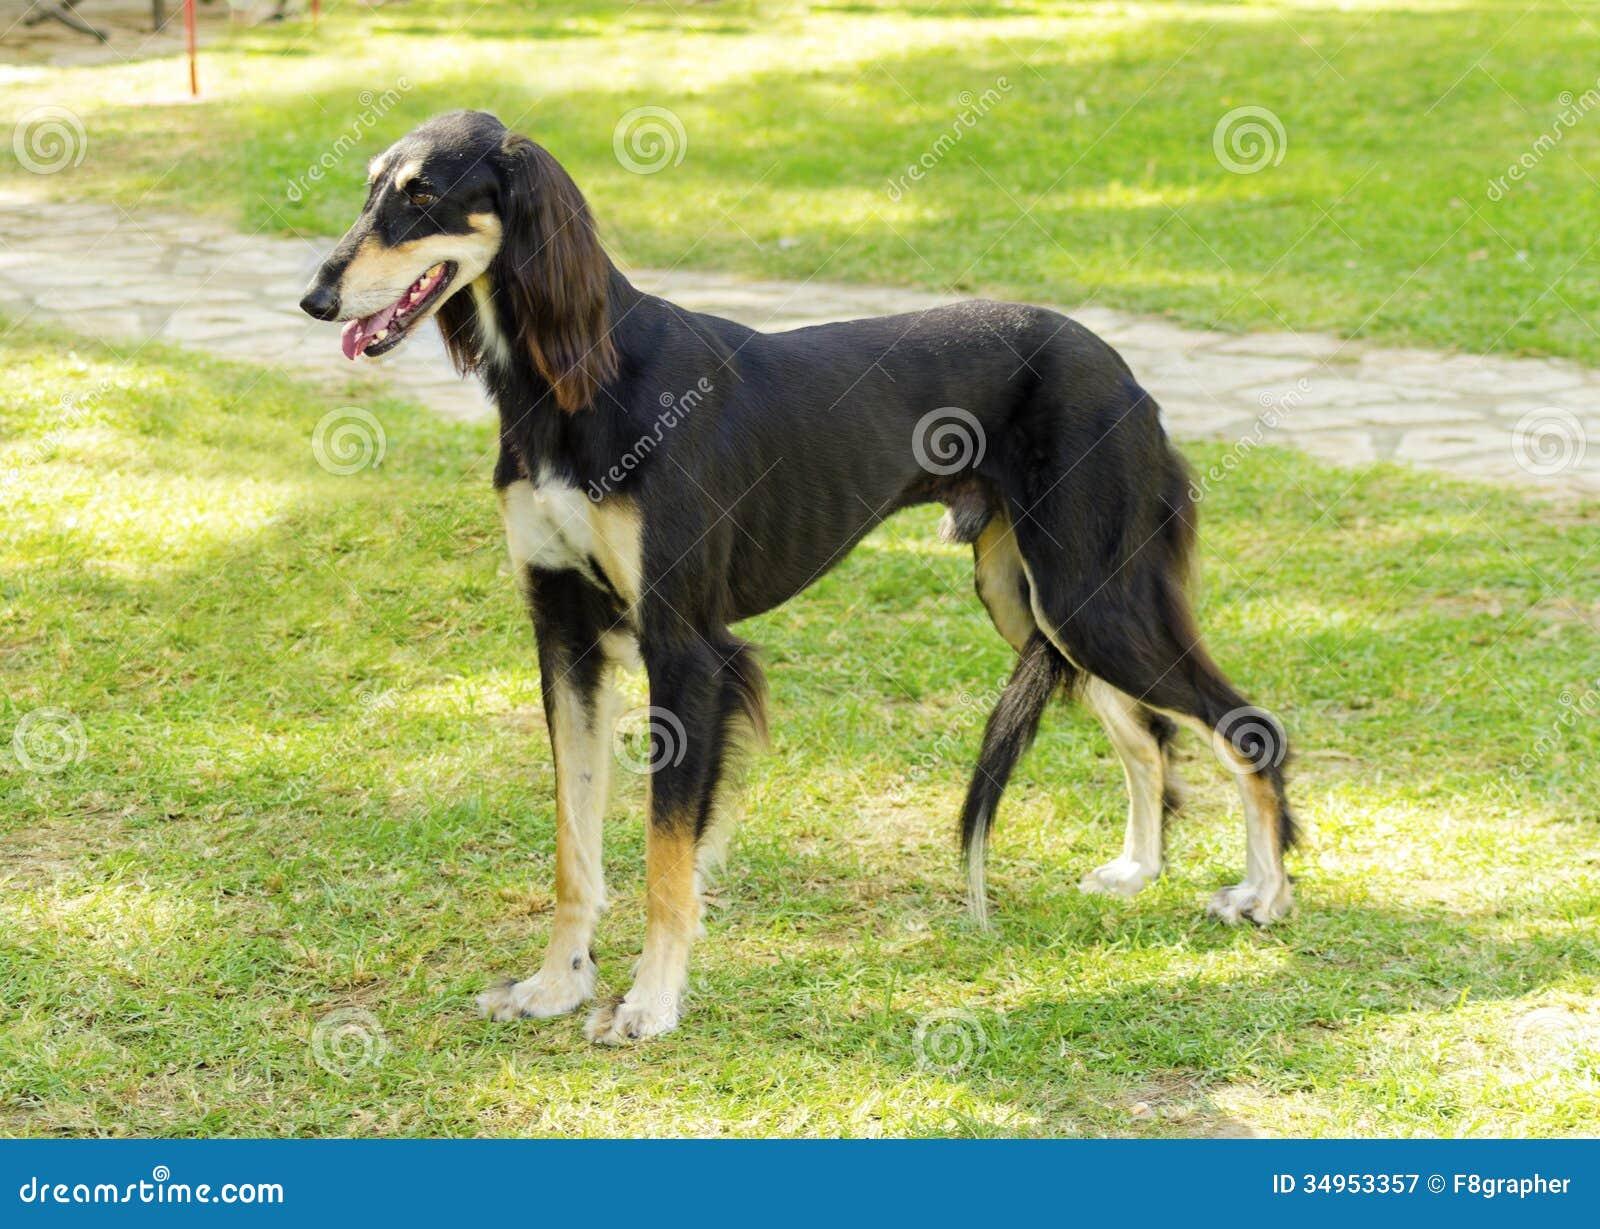 Saluki stock image  Image of coat, afghan, elegant, breed - 34953357